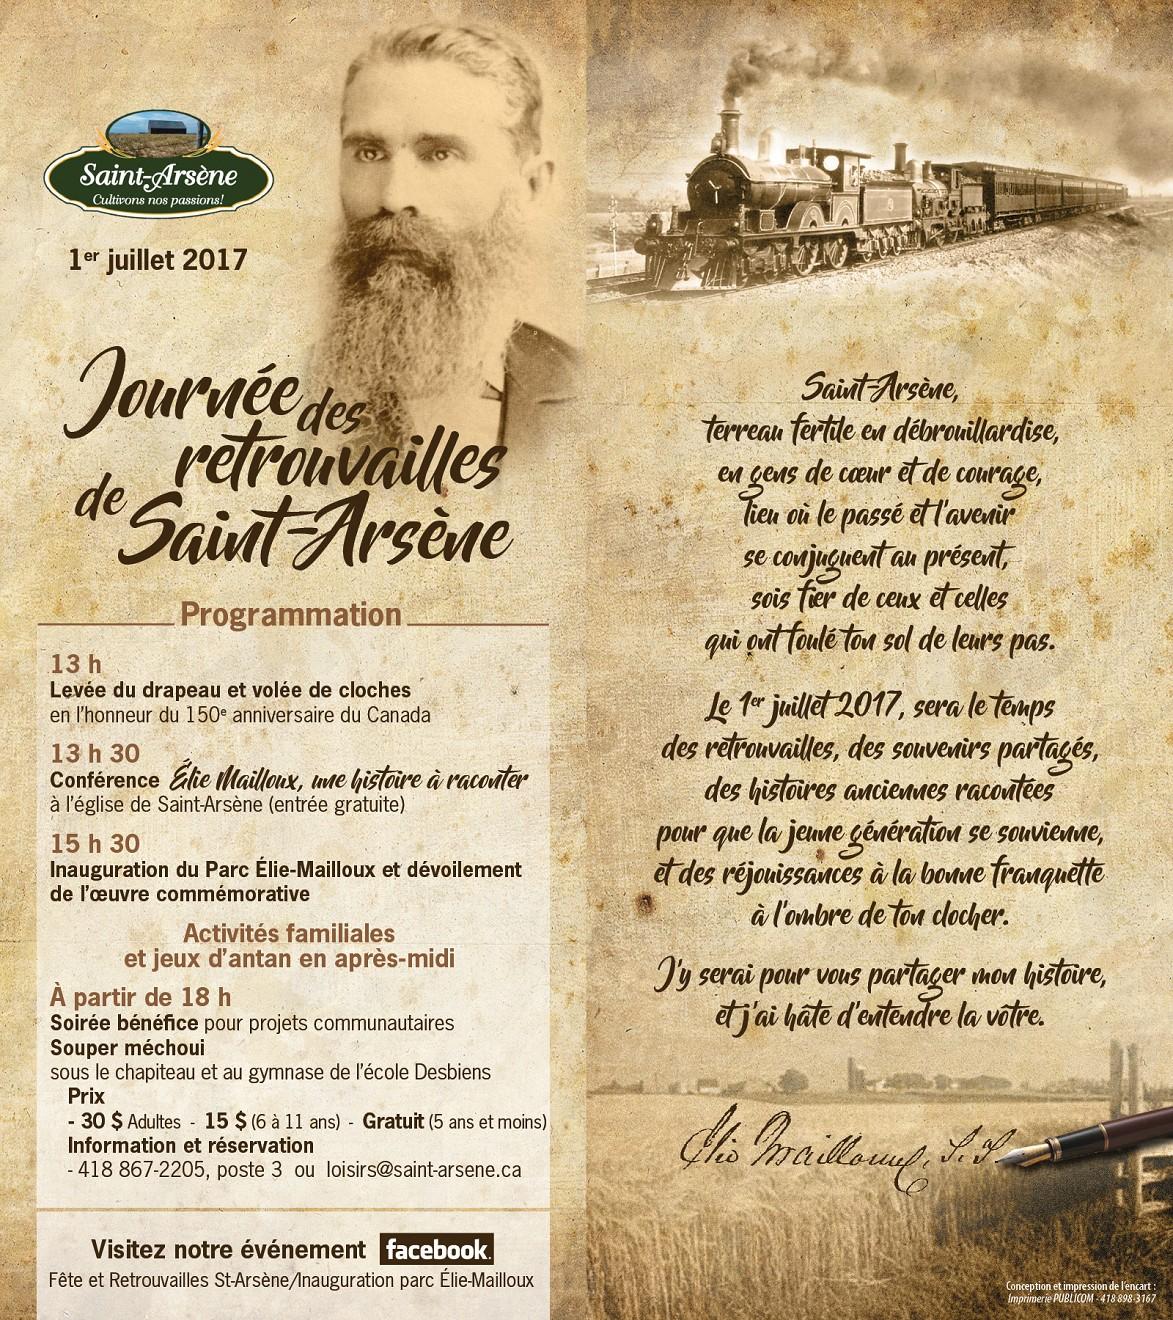 Journée des retrouvailles et inauguration du Parc Élie-Mailloux (Auteur : Joanie Cormier-Samson, Coordonnatrice loisirs)